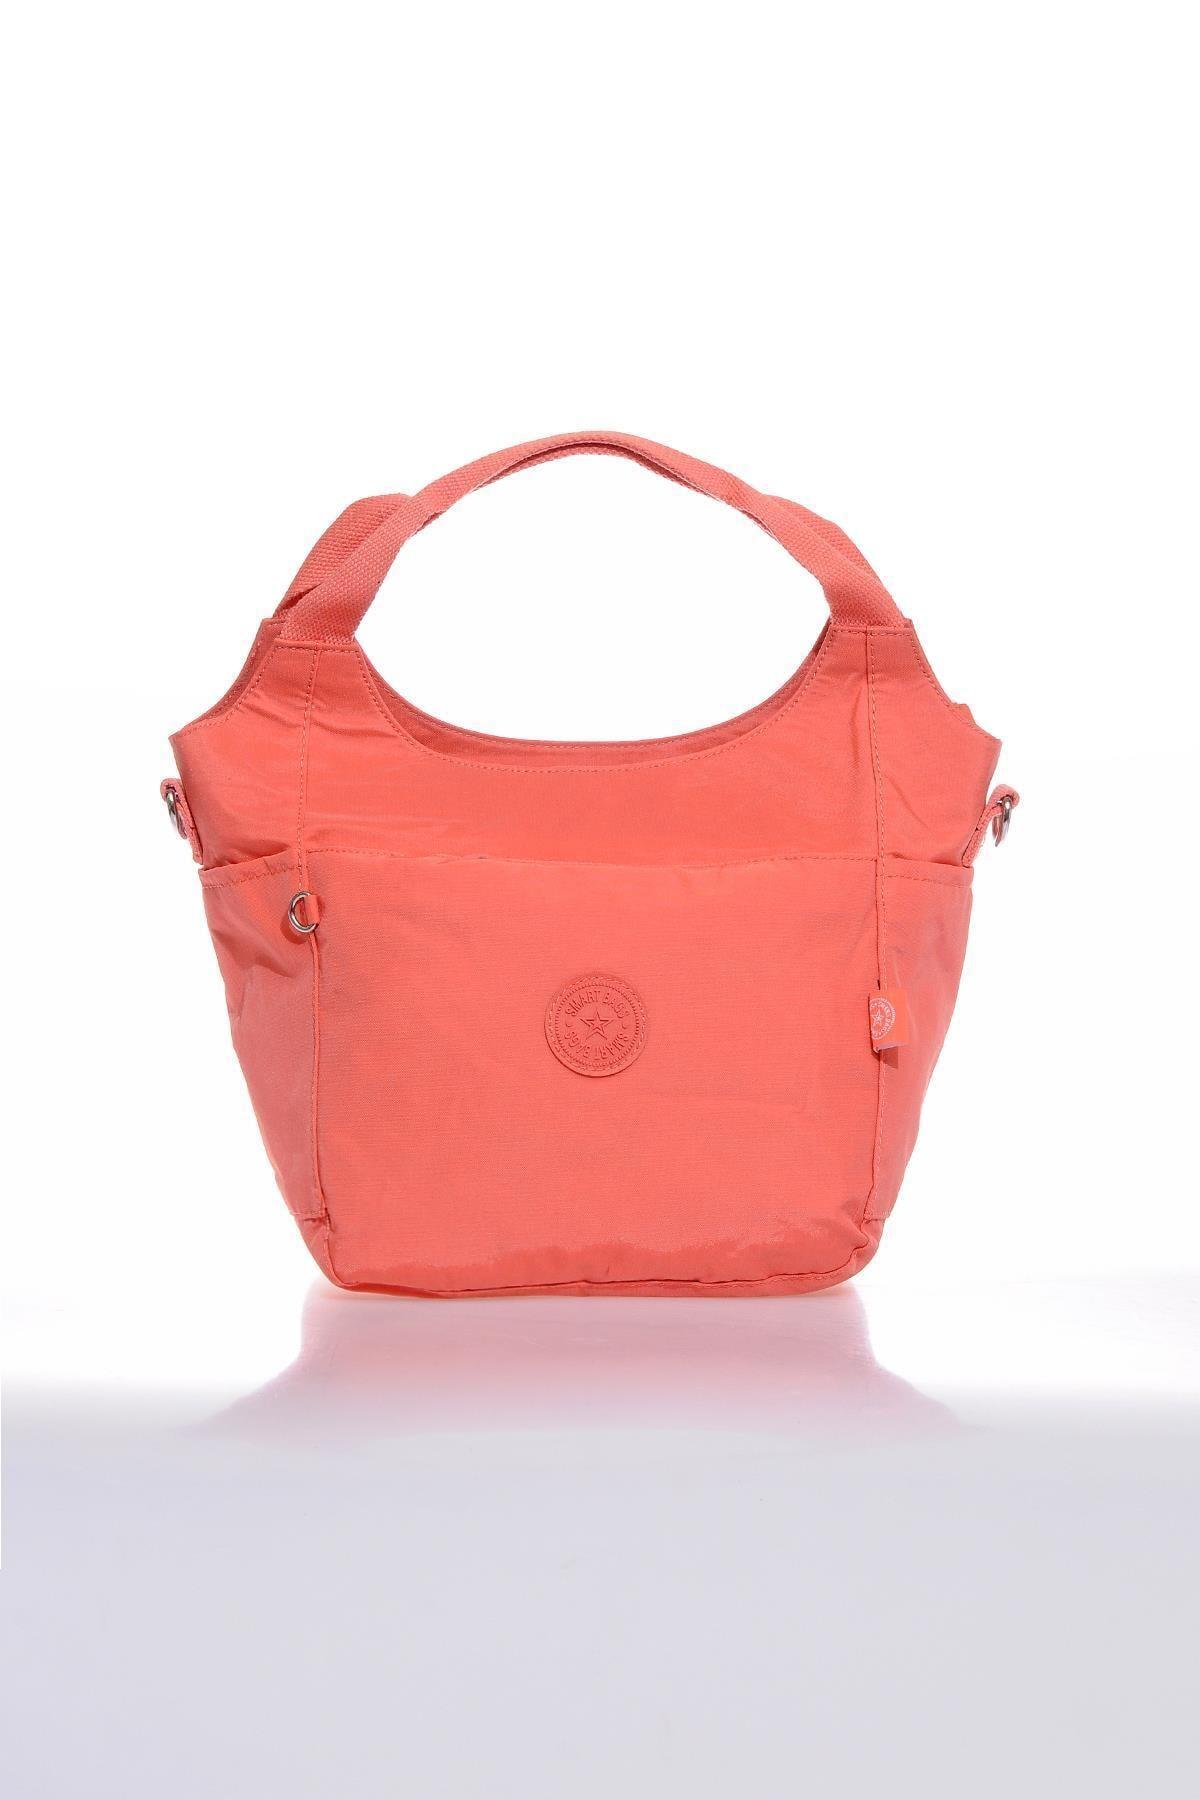 SMART BAGS Smb3079-0073 Somon Kadın Omuz Çantası 1